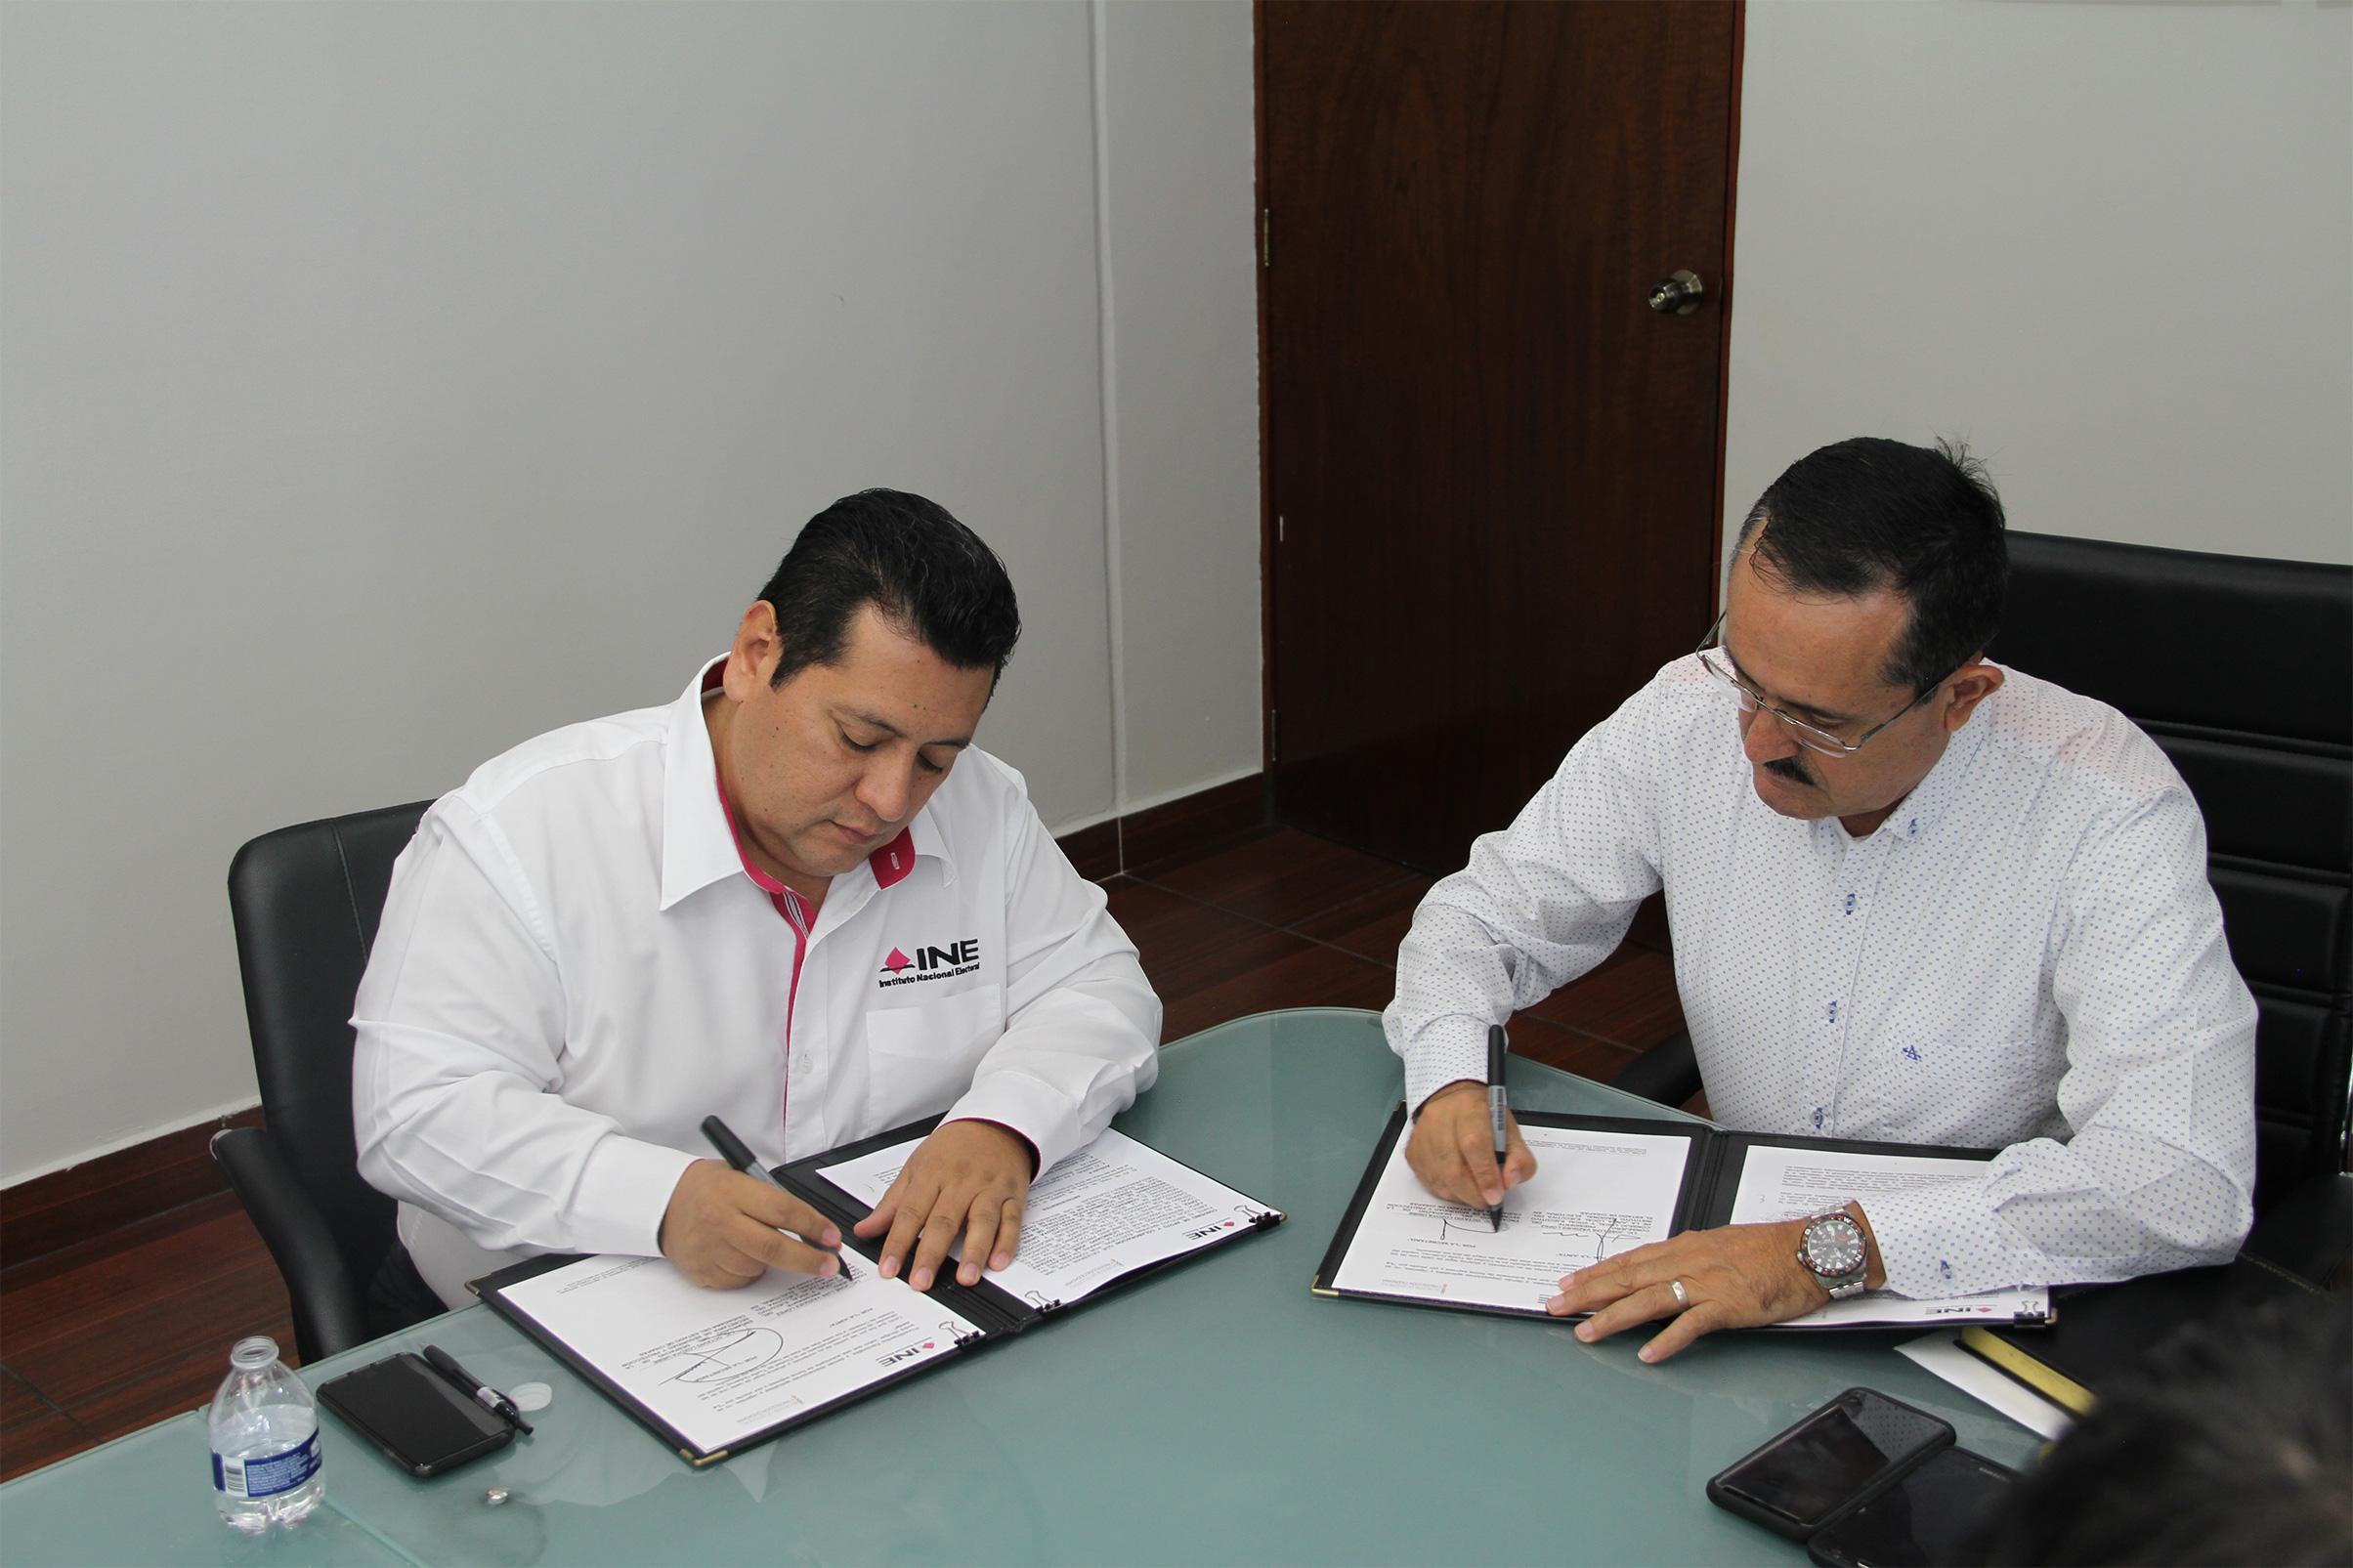 Firman convenio el INE Chiapas y la SSPC para otorgar seguridad a la ciudadanía chiapaneca y a la documentación electoral